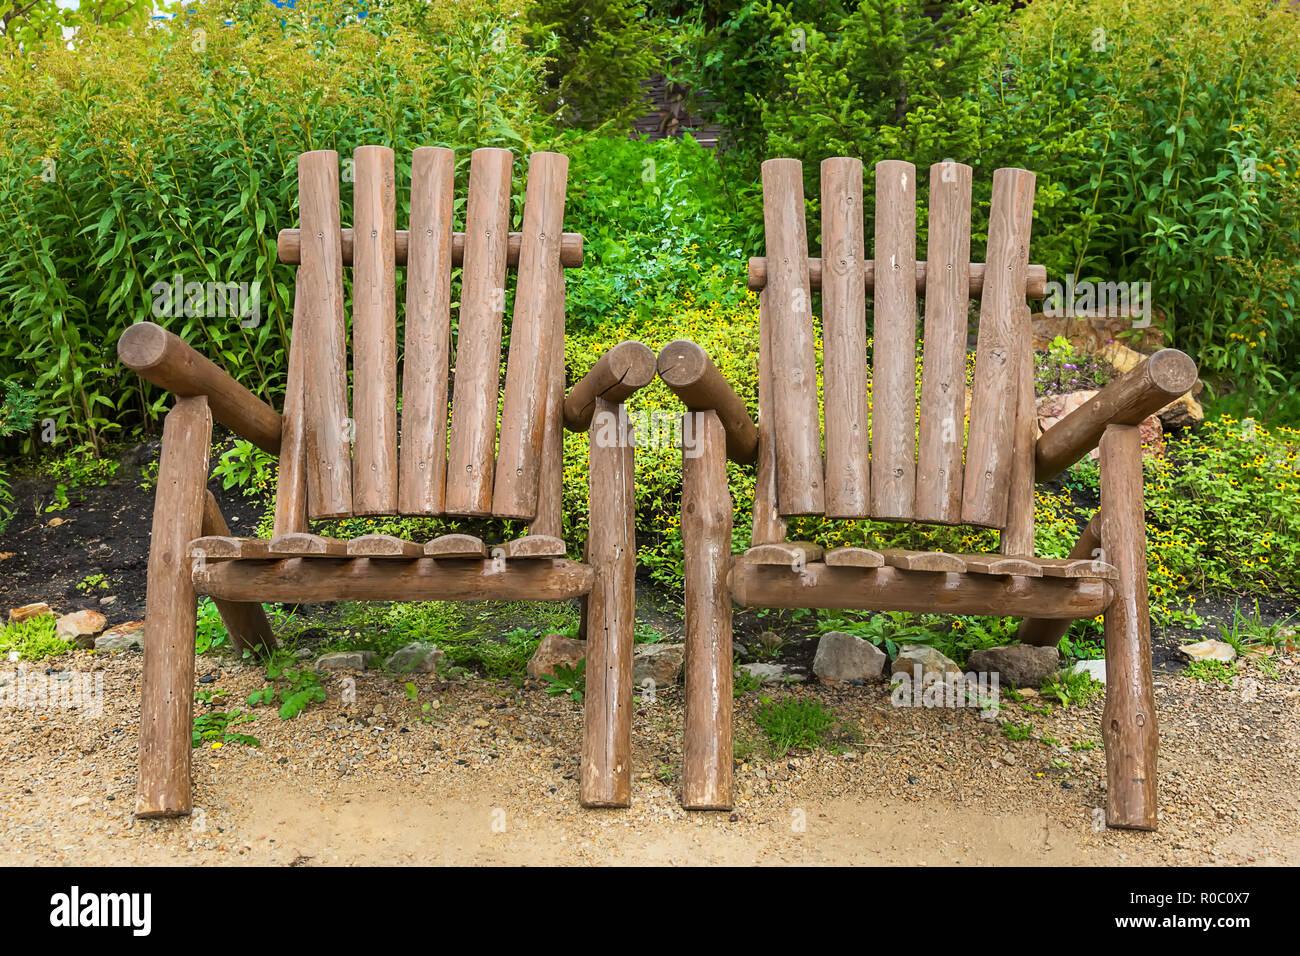 Sedie di legno fatto di grezzo Tronchi di legno per i ...